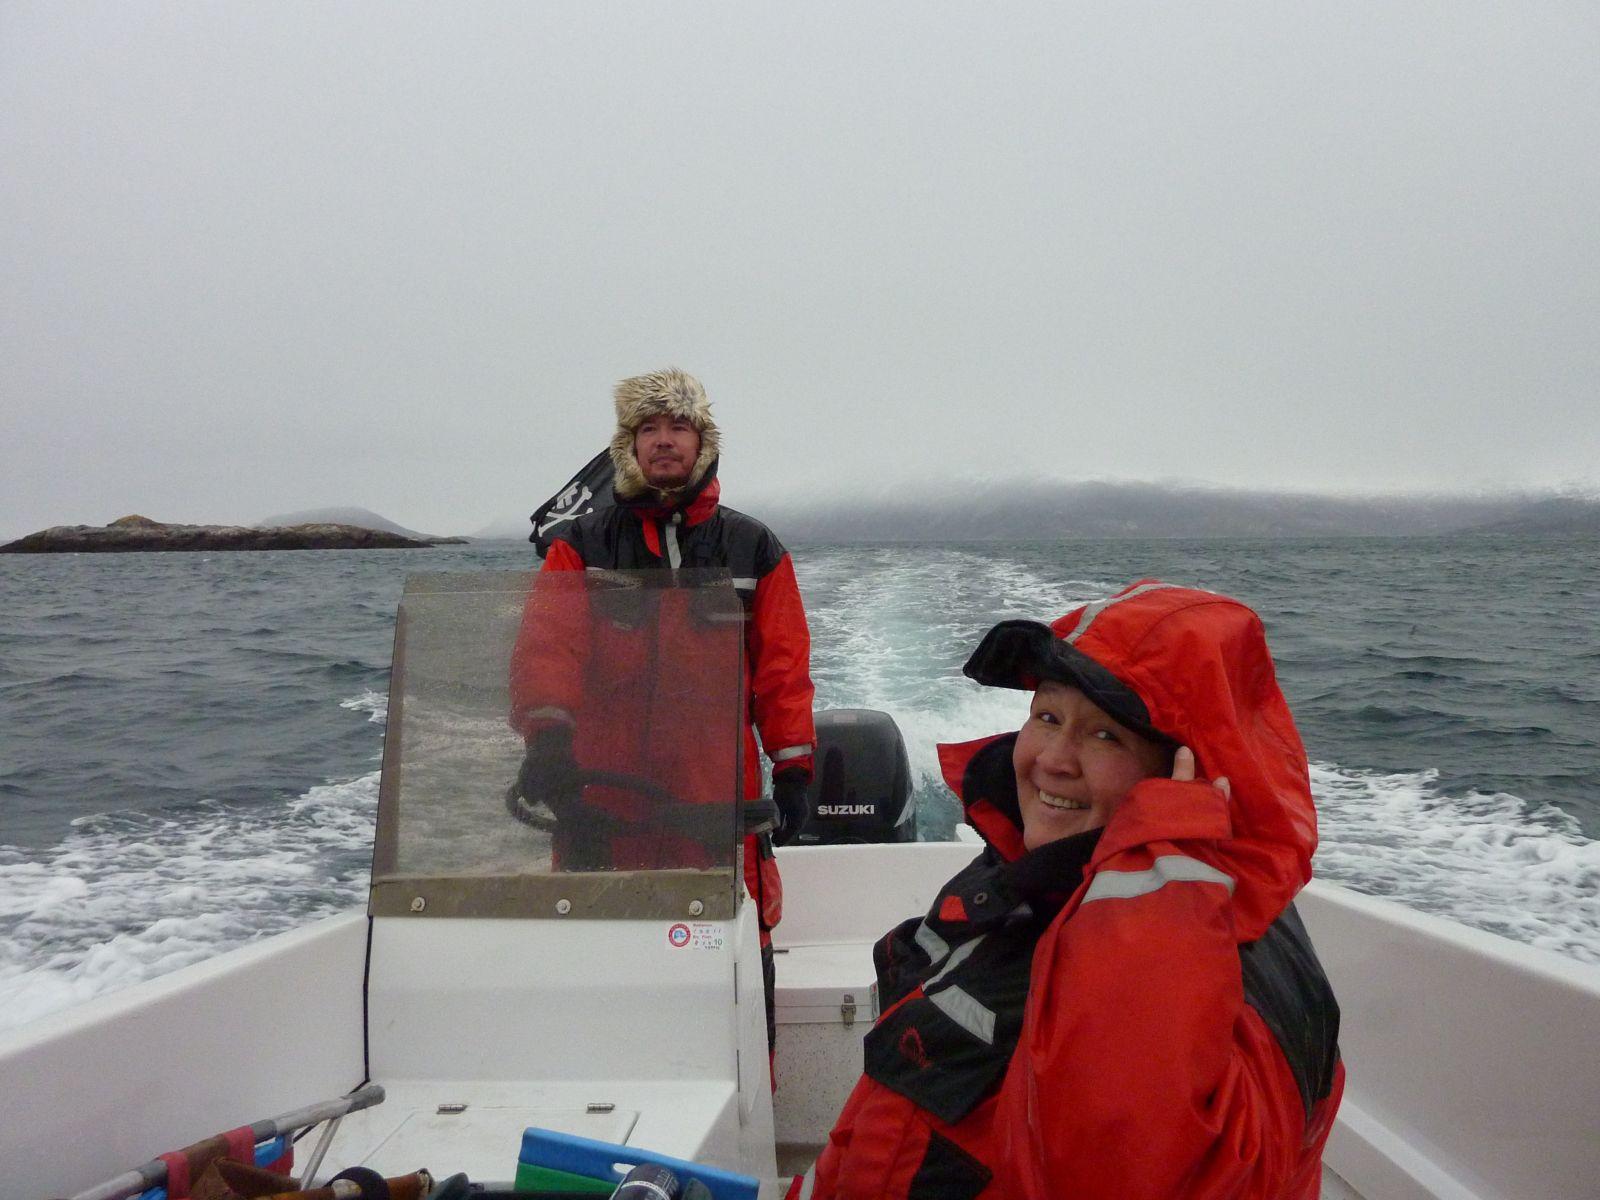 2010-11-06-1335_-_Maren Mikkelsen Lennert; Palle Hjort Sandgreen; Palle Sandgreen